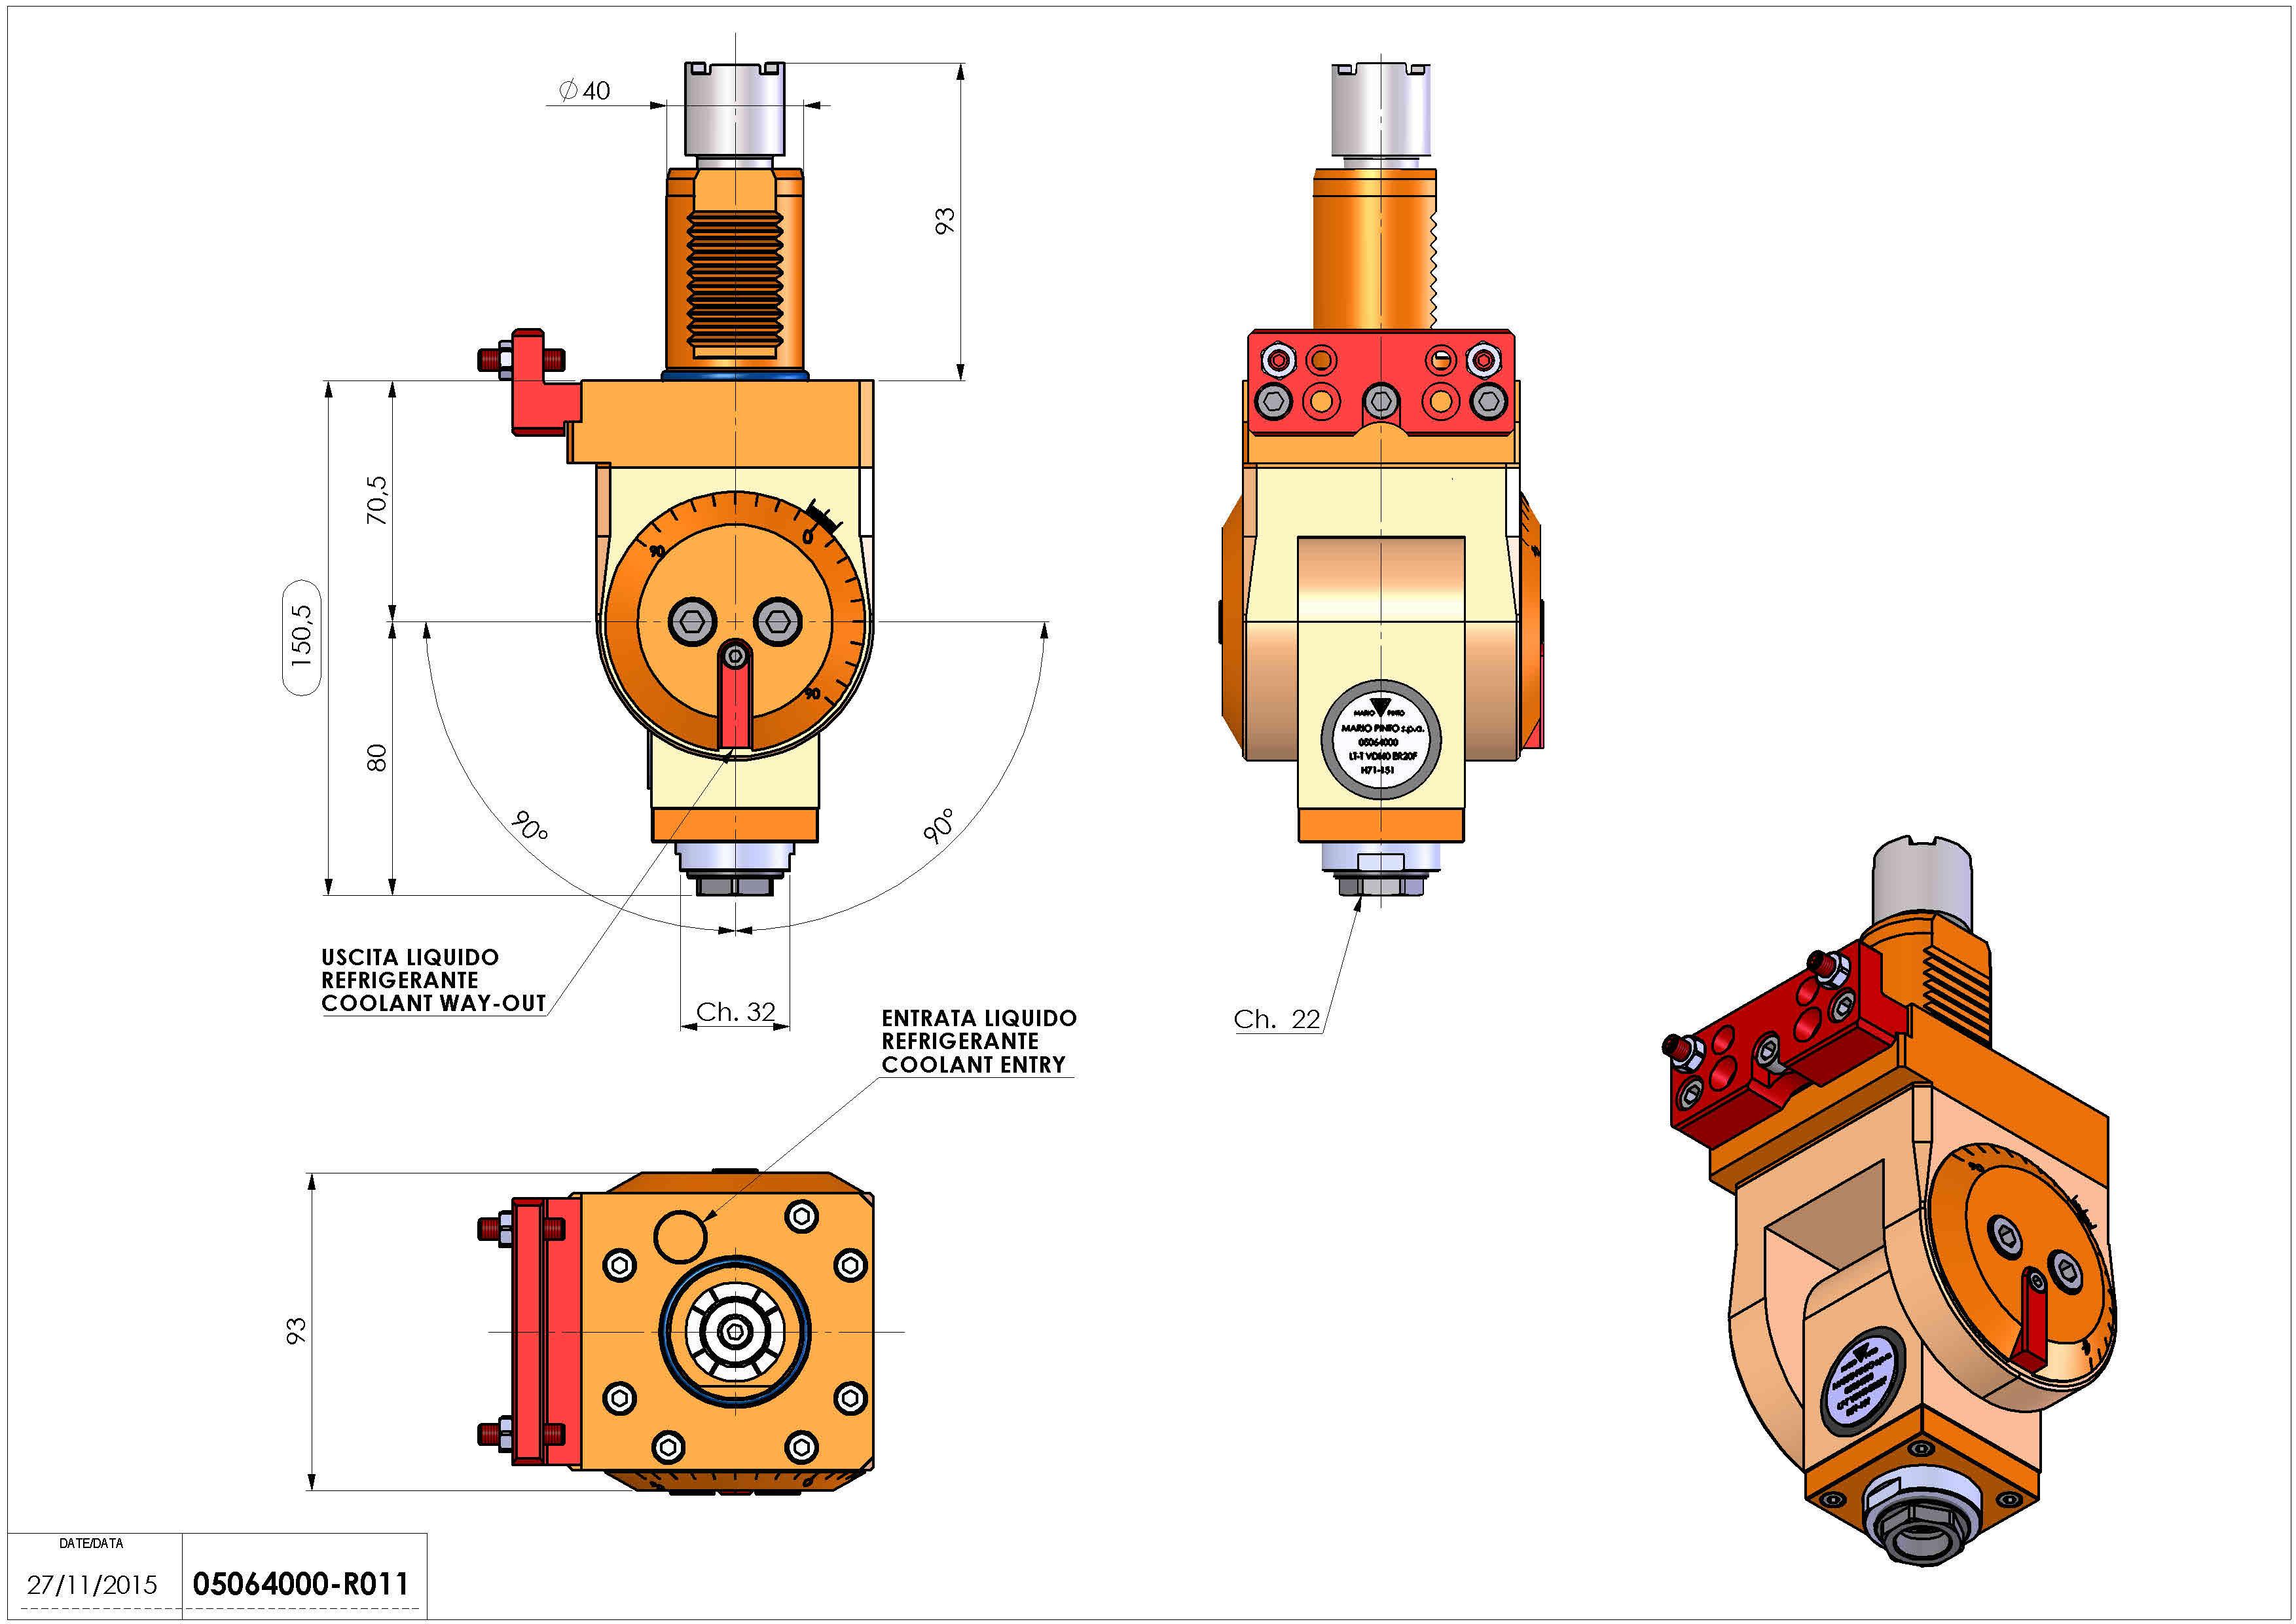 Technical image - LT-T VDI40 ER20F H71-151 OK.